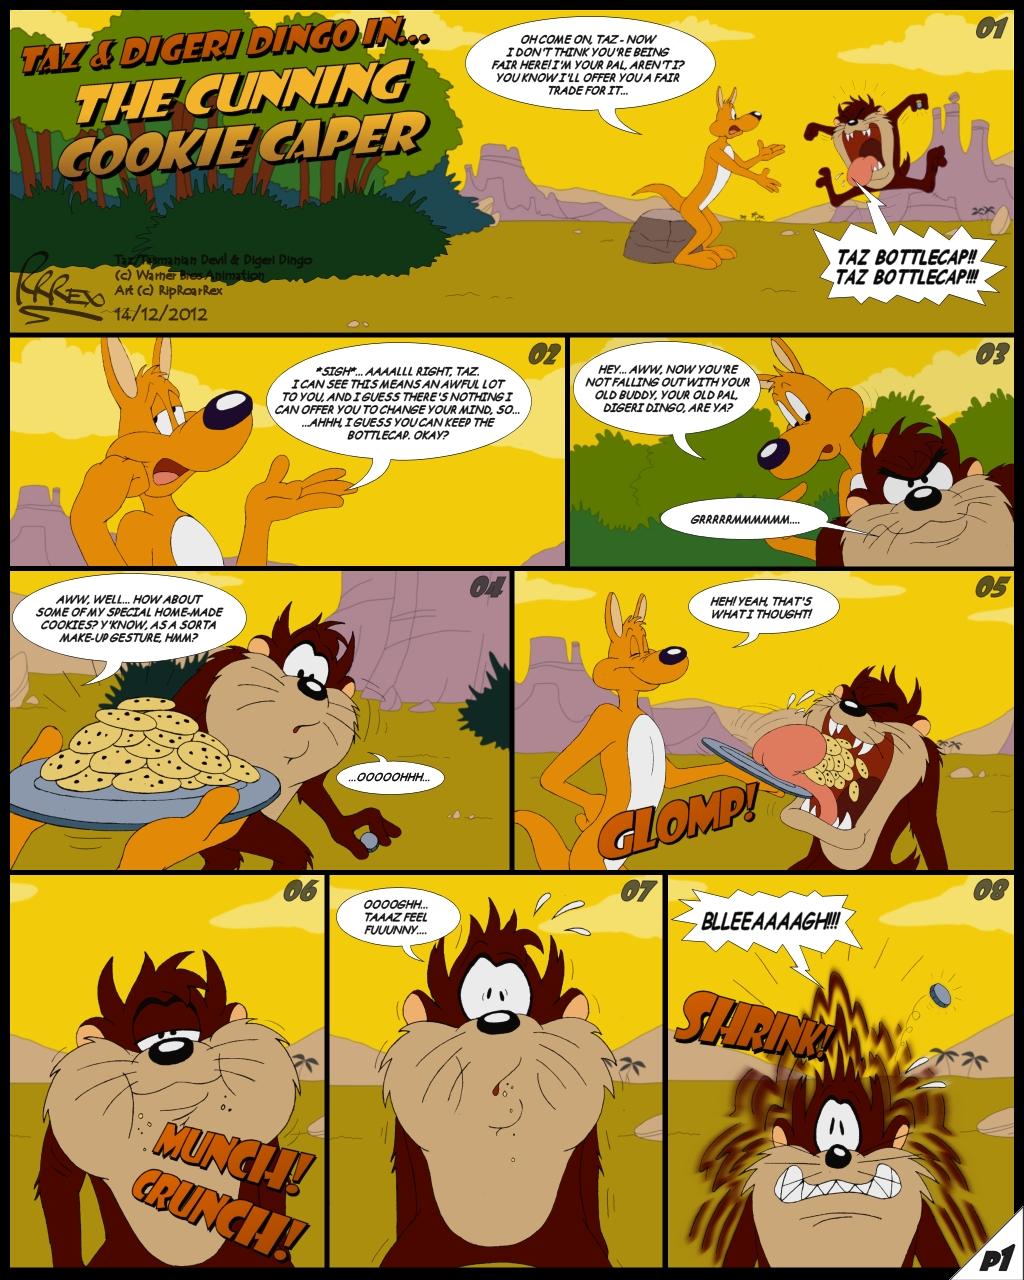 [2012] Digeri Dingo - The Cunning Cookie Caper (1/3)